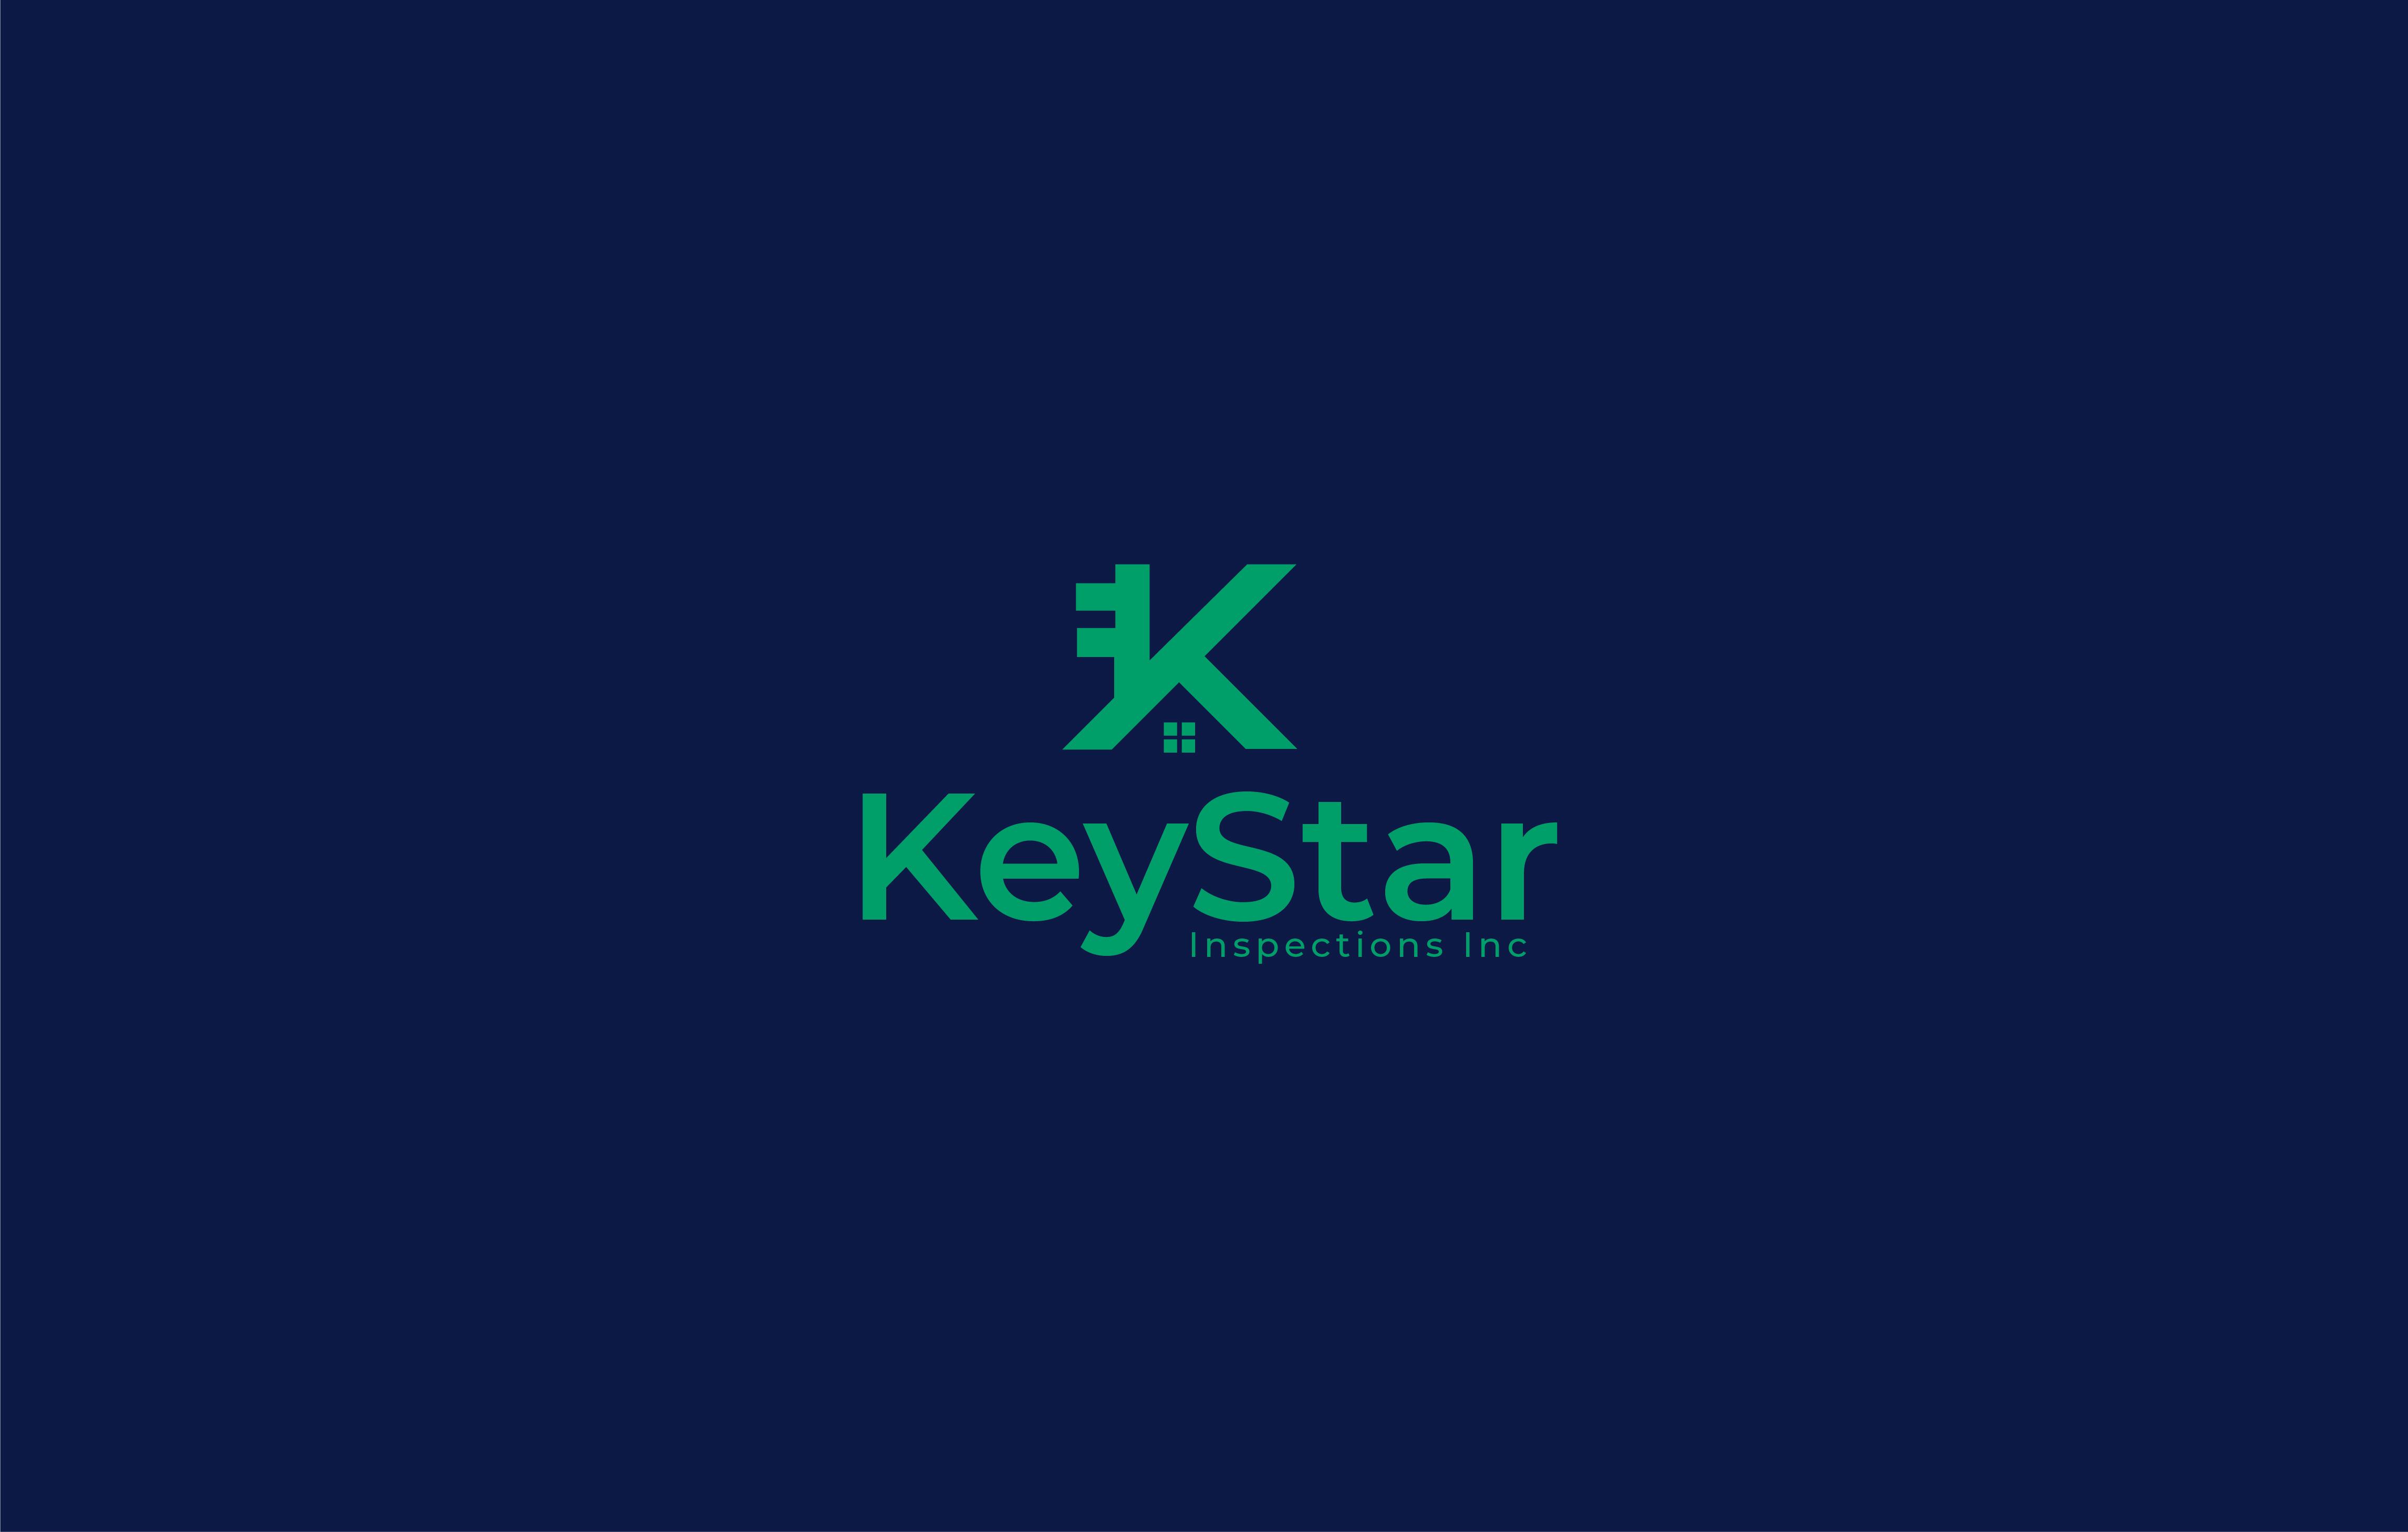 Keystar inspections inc 01